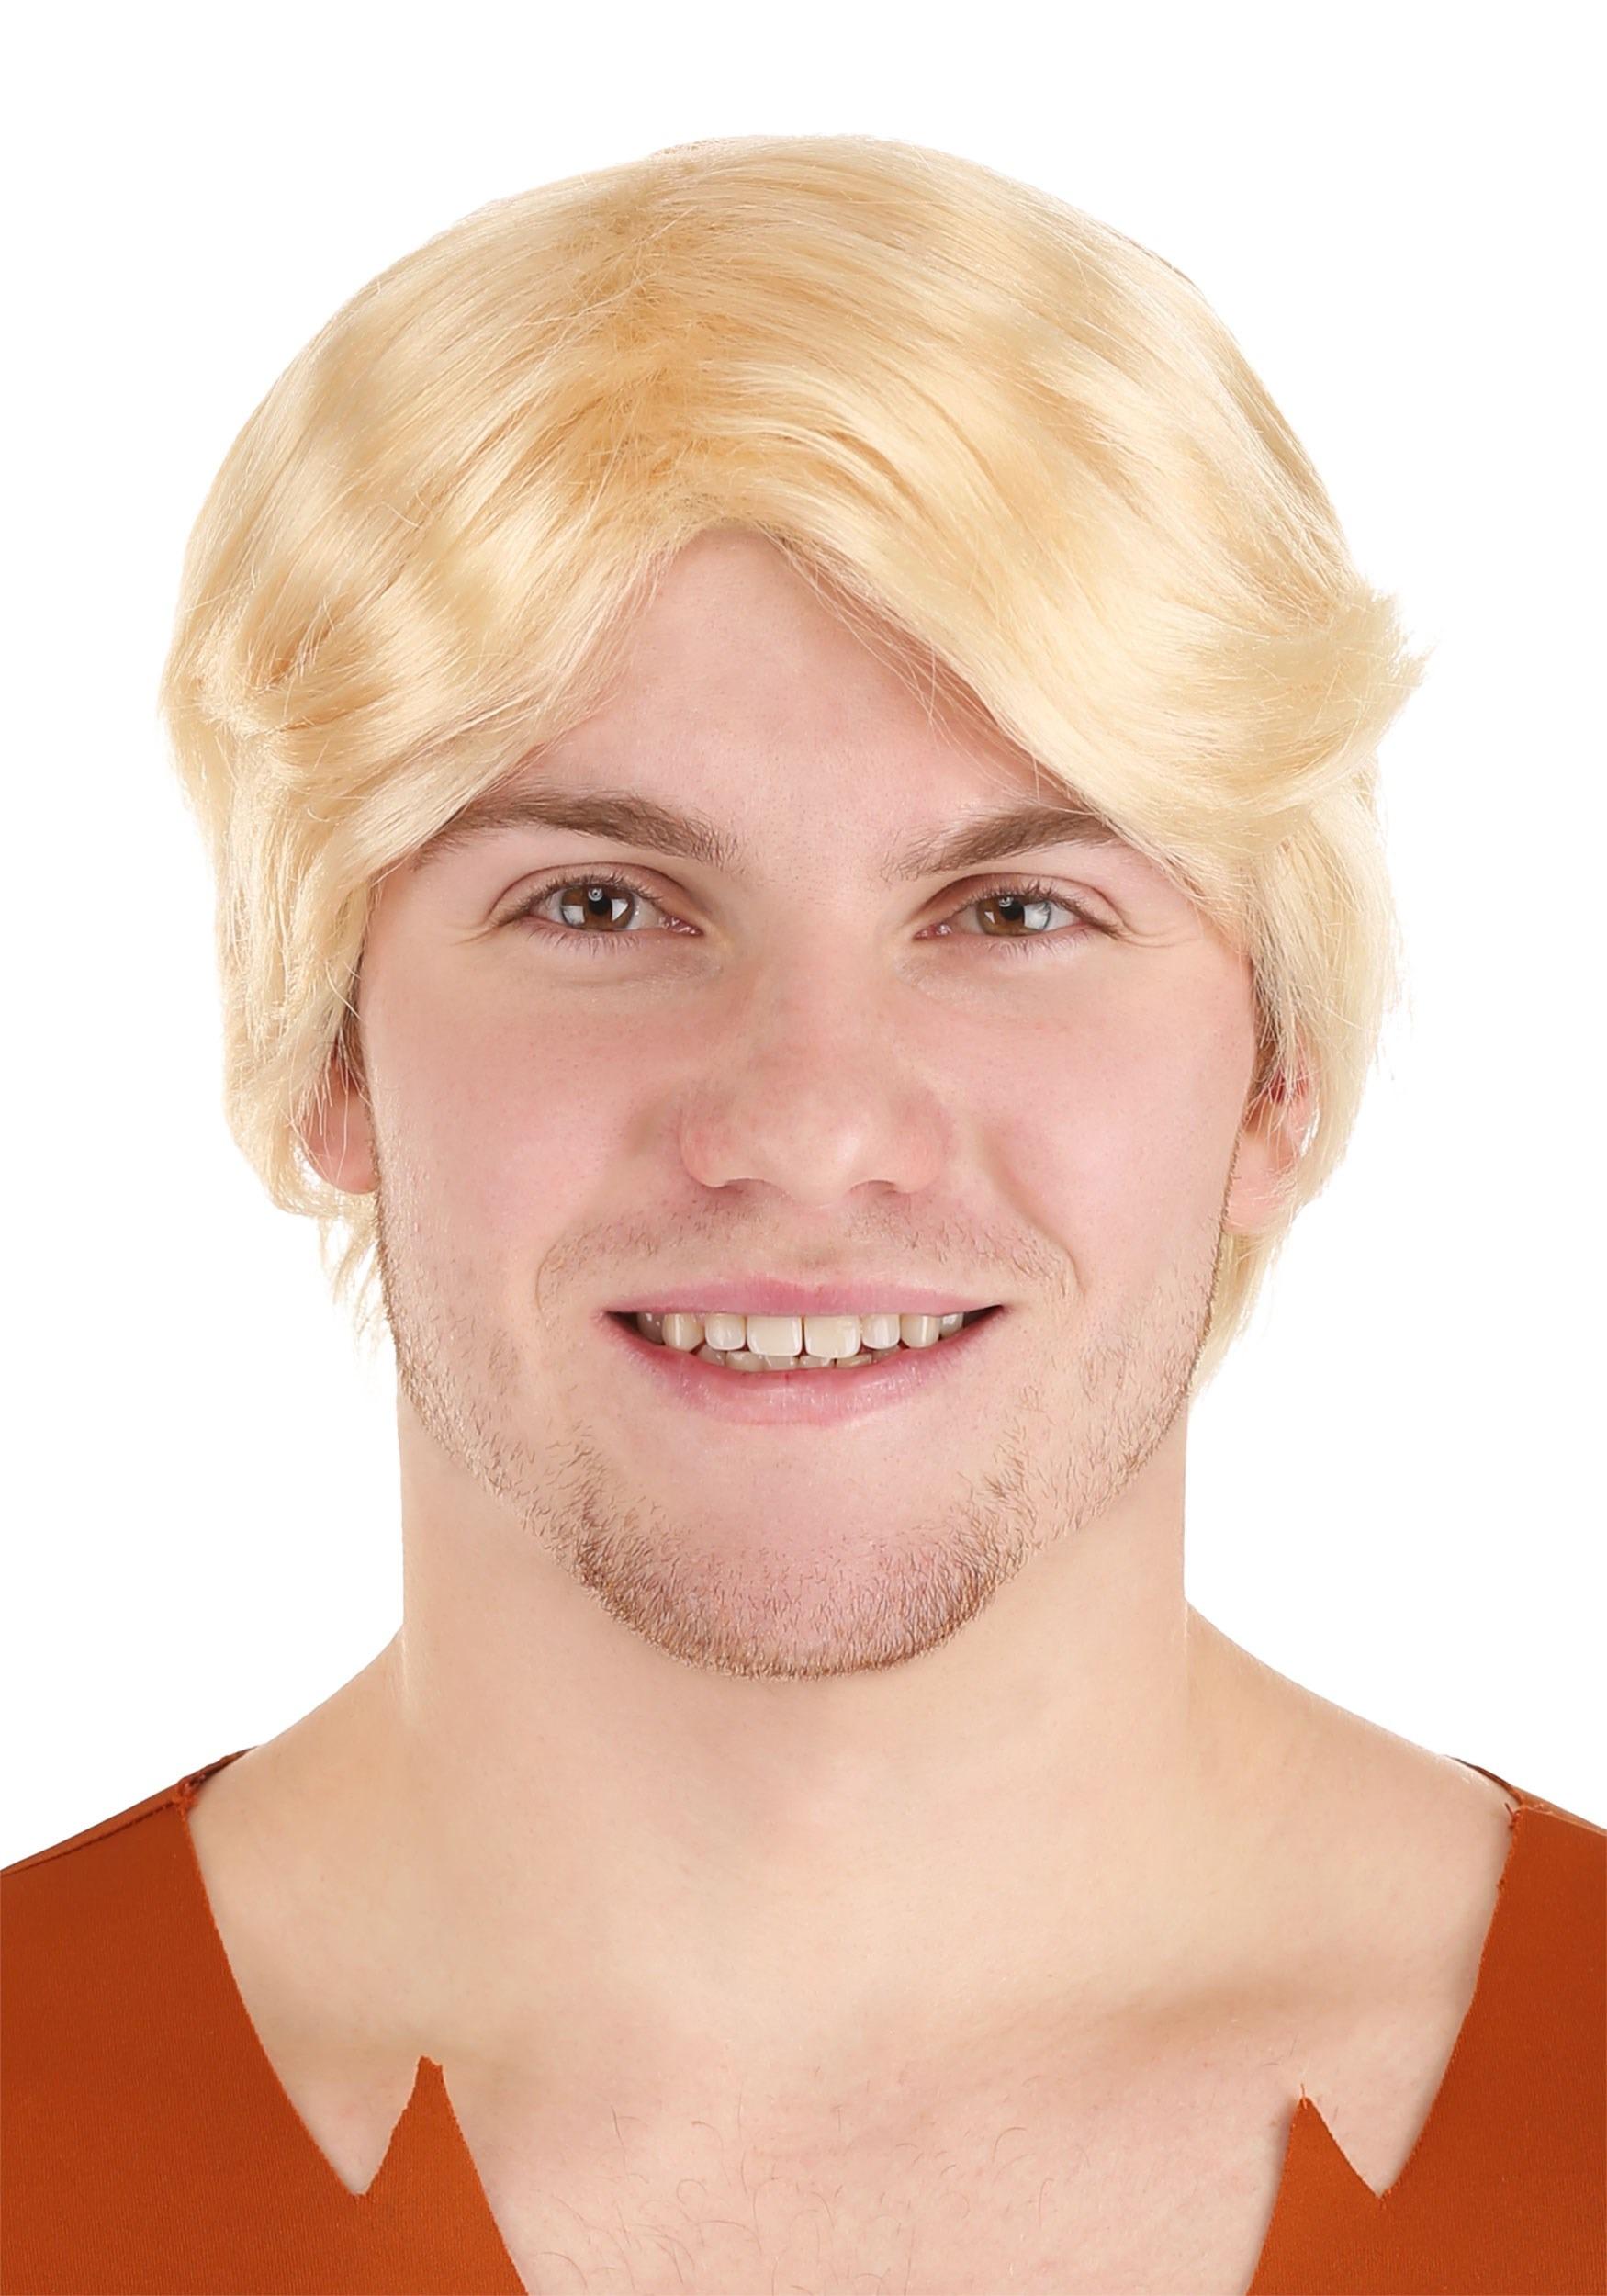 deluxe-bamm-bamm-wig.jpg